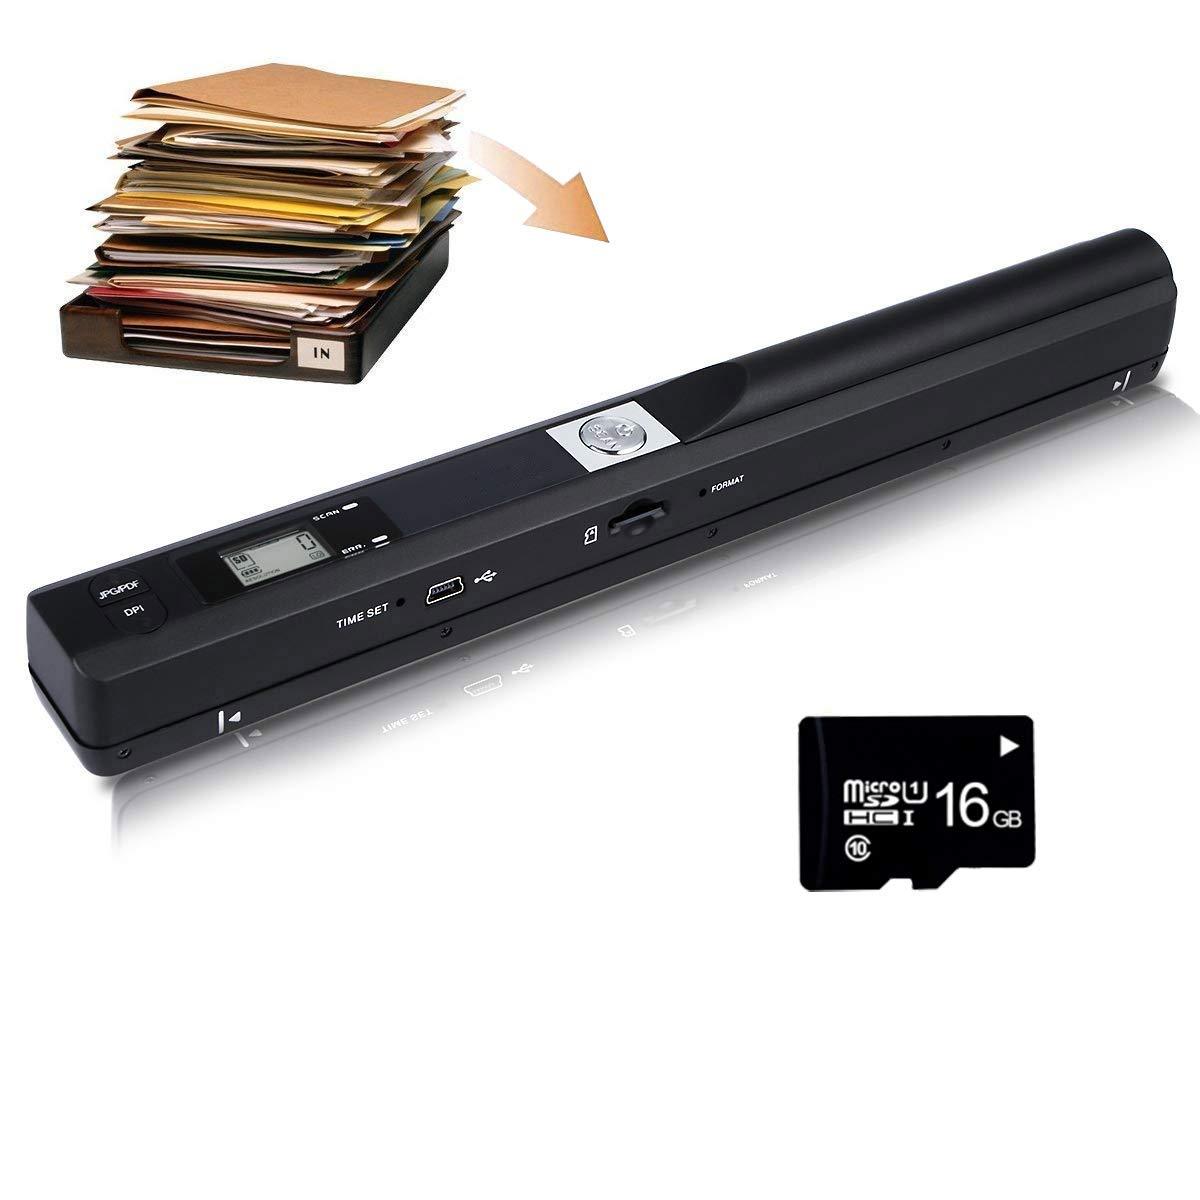 Farbfotobetrachter Tragbarer Bildscanner mit Einer Aufl/ösung von 900 DPI f/ür Dokumente JPG oder PDF Format EJOYDUTY Micro SD Card Handscanner Enth/ält eine 16G-Speicherkarte